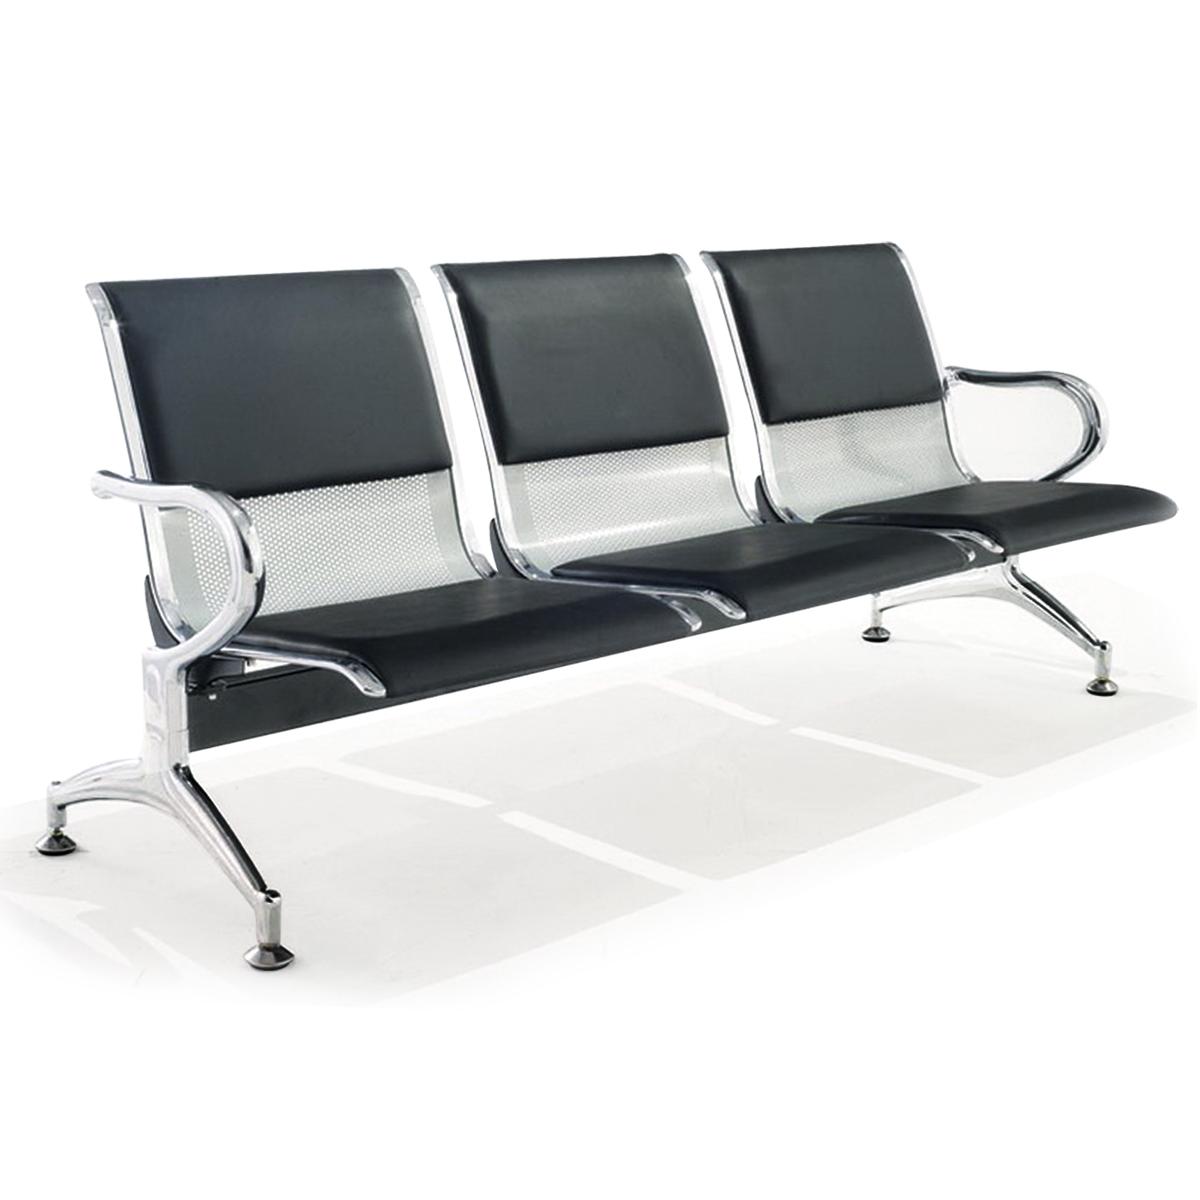 Ghế băng chờ 3 chỗ có nệm – Mã : 03N